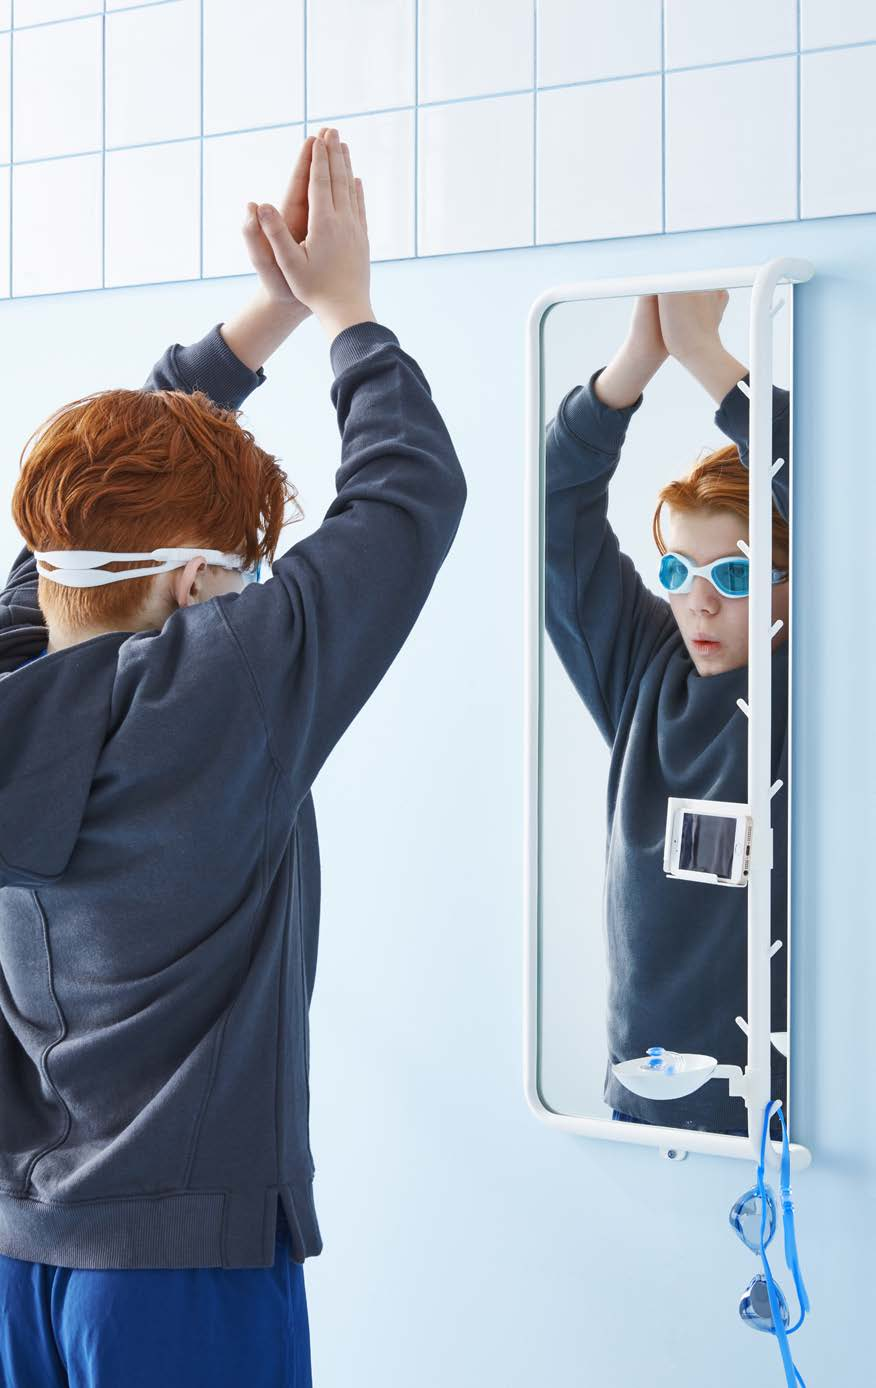 MÖJLIGHET mirror